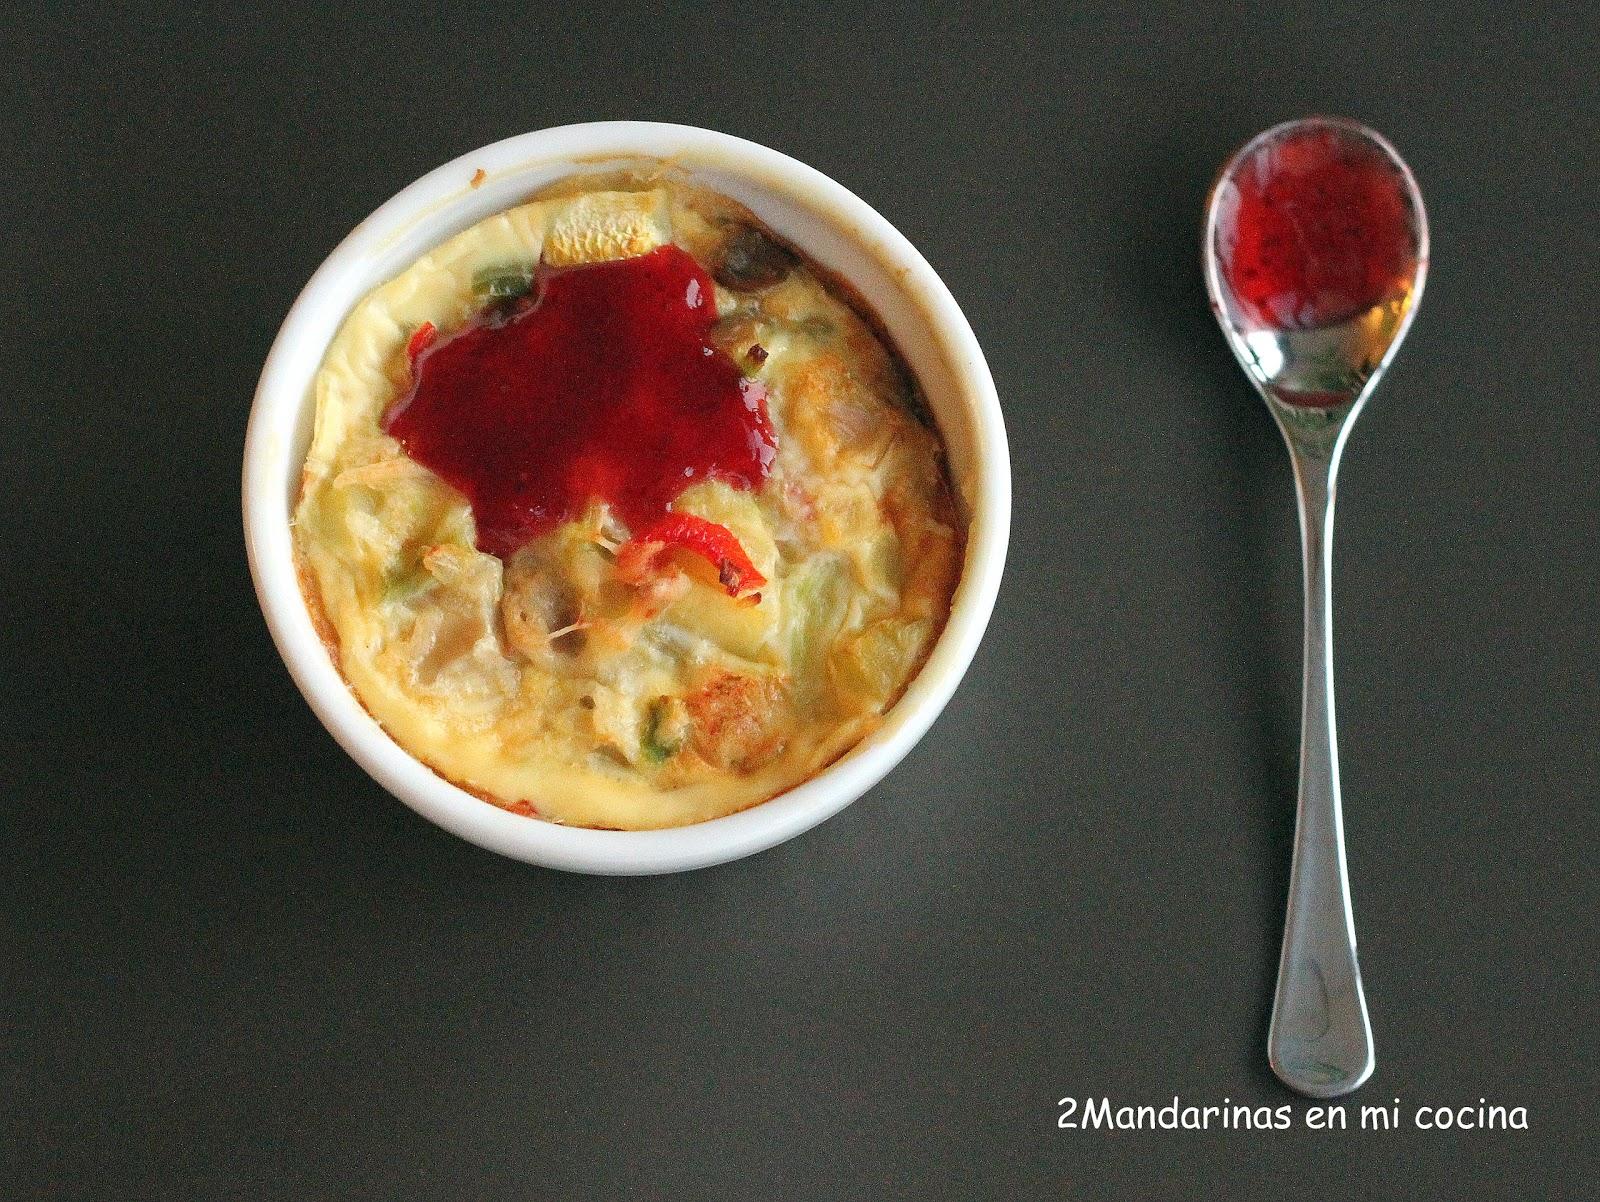 Flanes de verduras caramelizadas cocinando con lazy blog - Lazy blog cocina ...